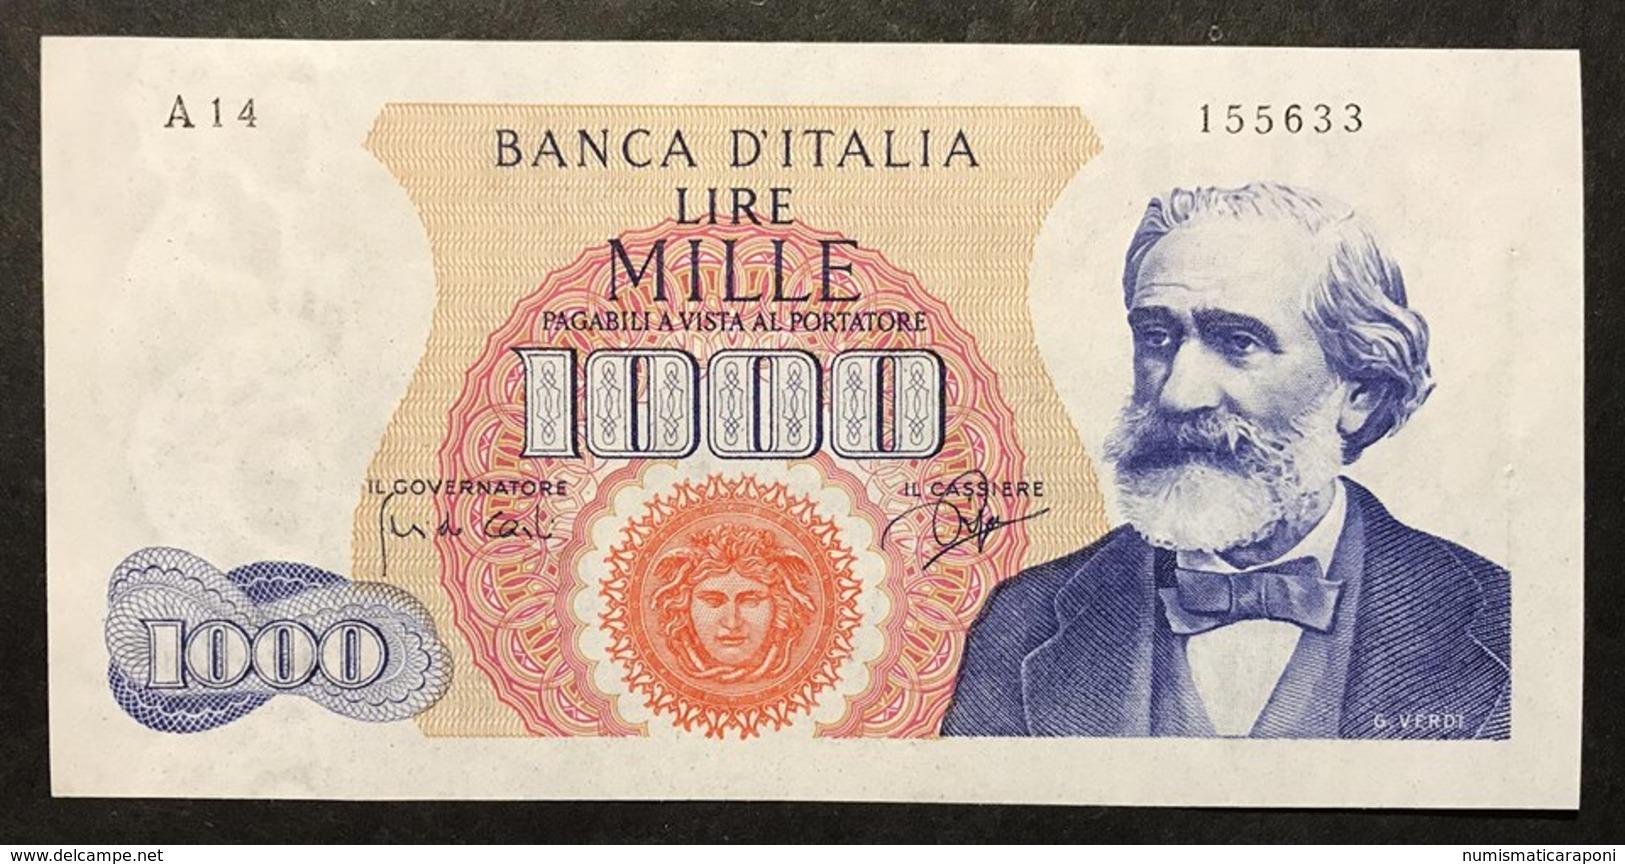 1000 LIRE VERDI I° TIPO 14 07 1962  Spl+ LOTTO 2173 - 1000 Lire